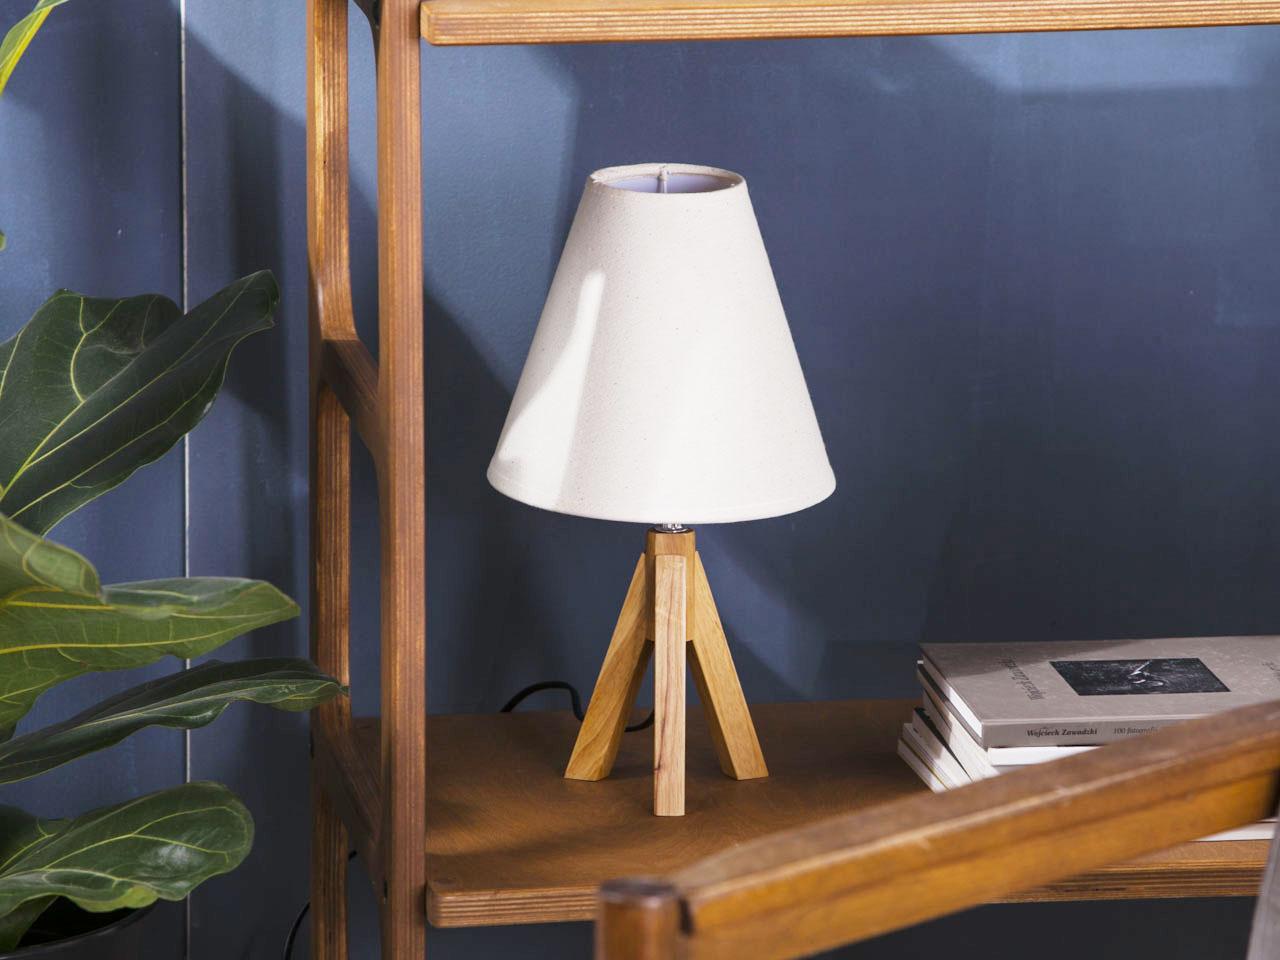 Lampa z podstawką drewnianą Altom Design Scandic 20x35 cm